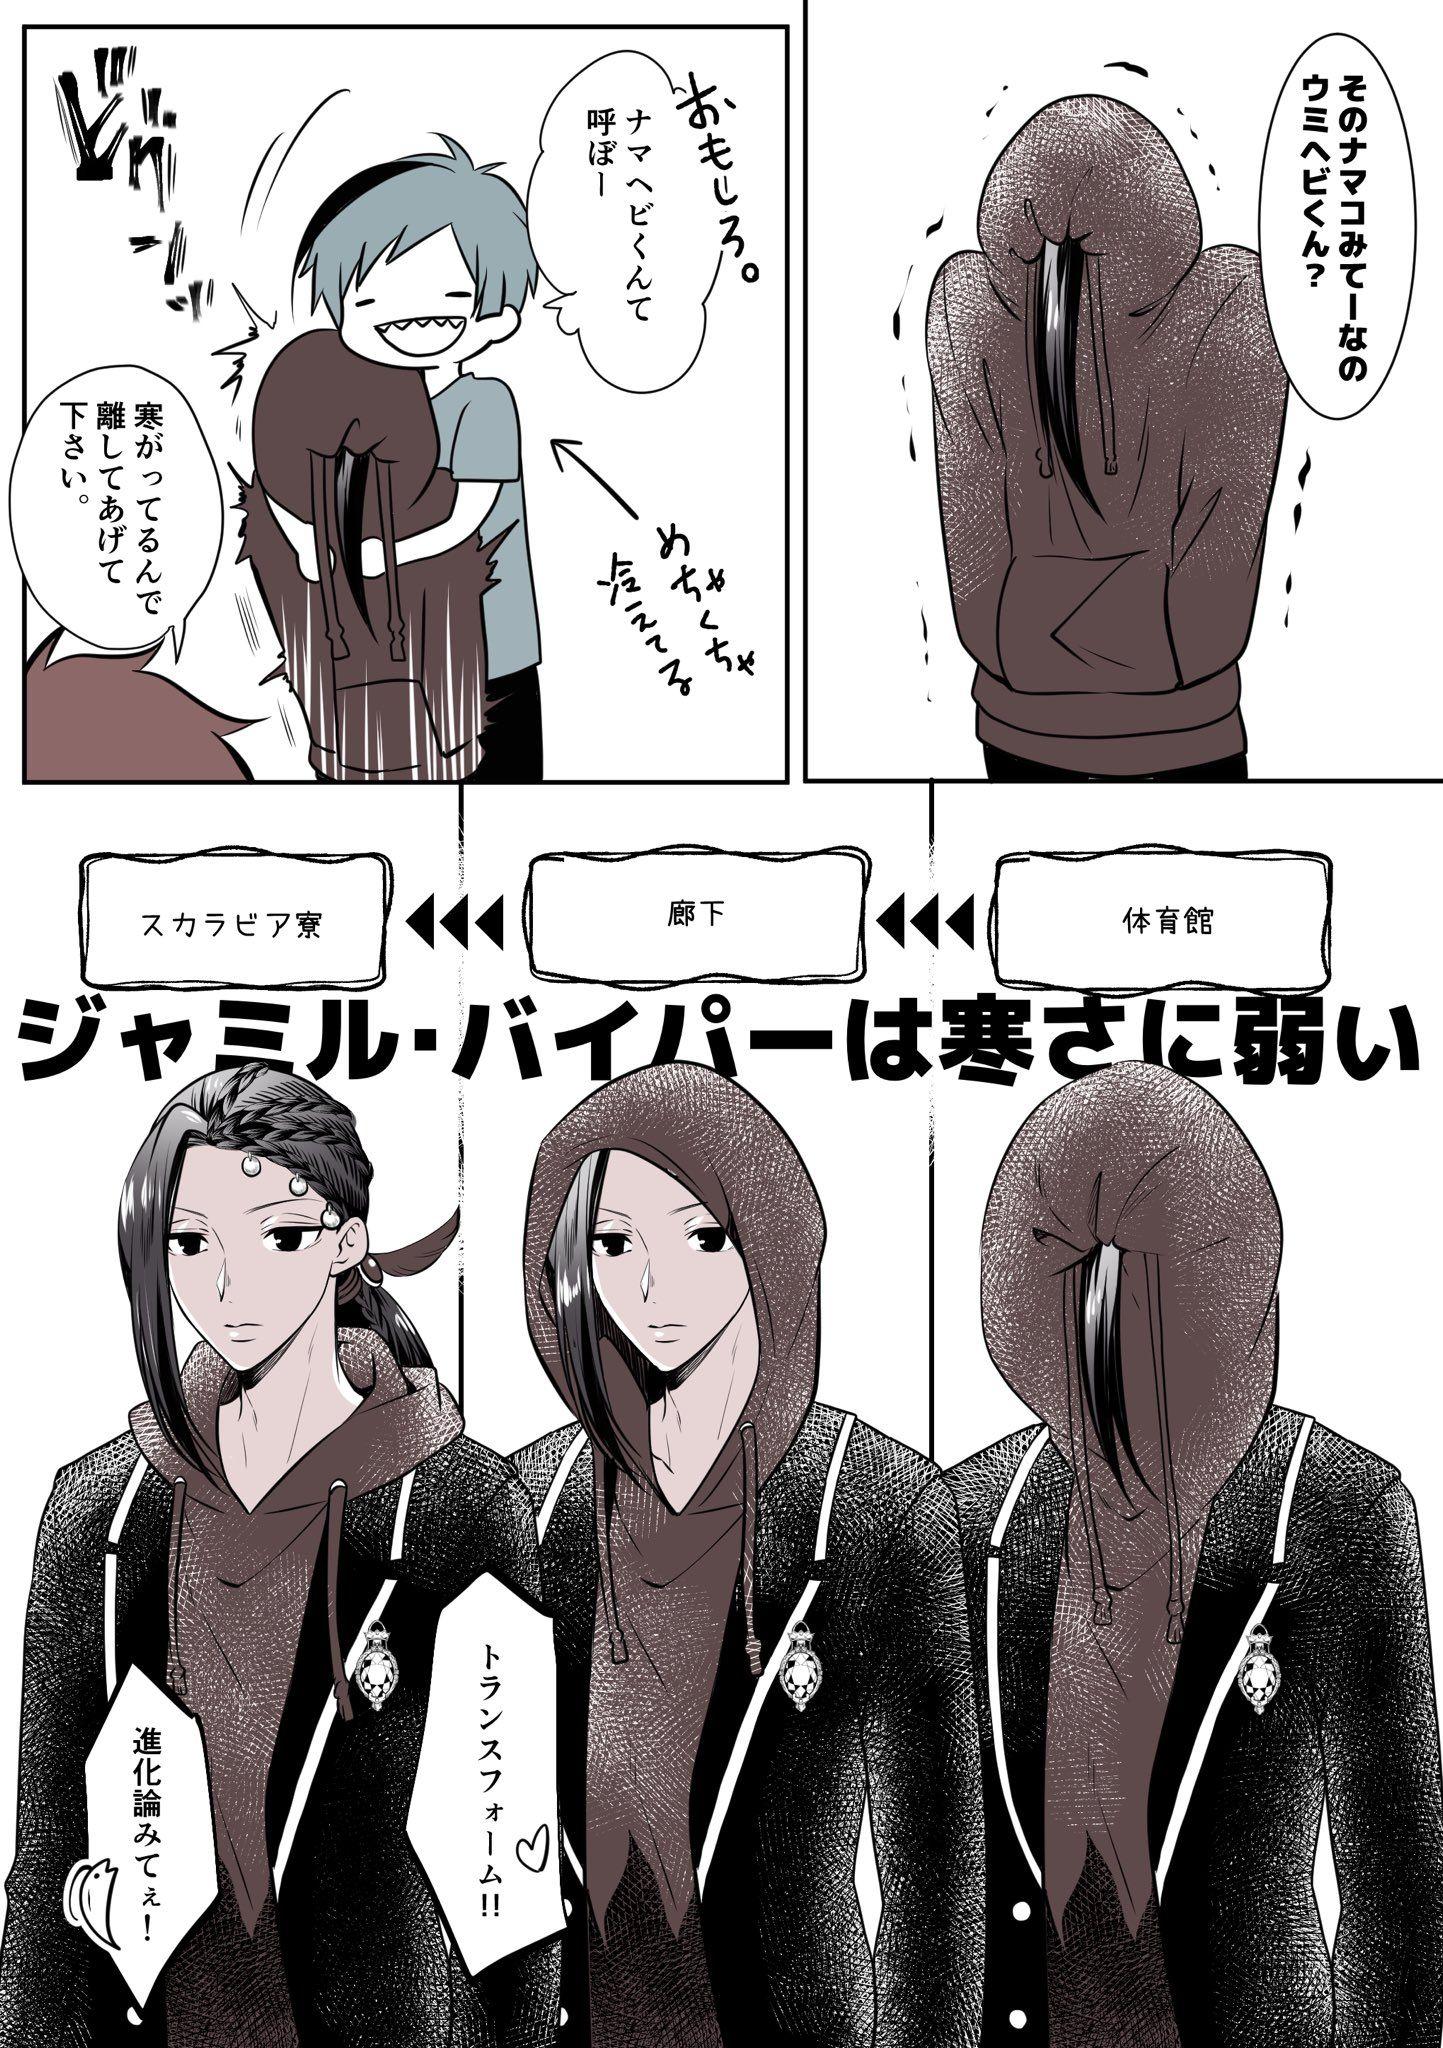 シカバネ on twitter in 2021 cute couple outfits disney villains anime boy